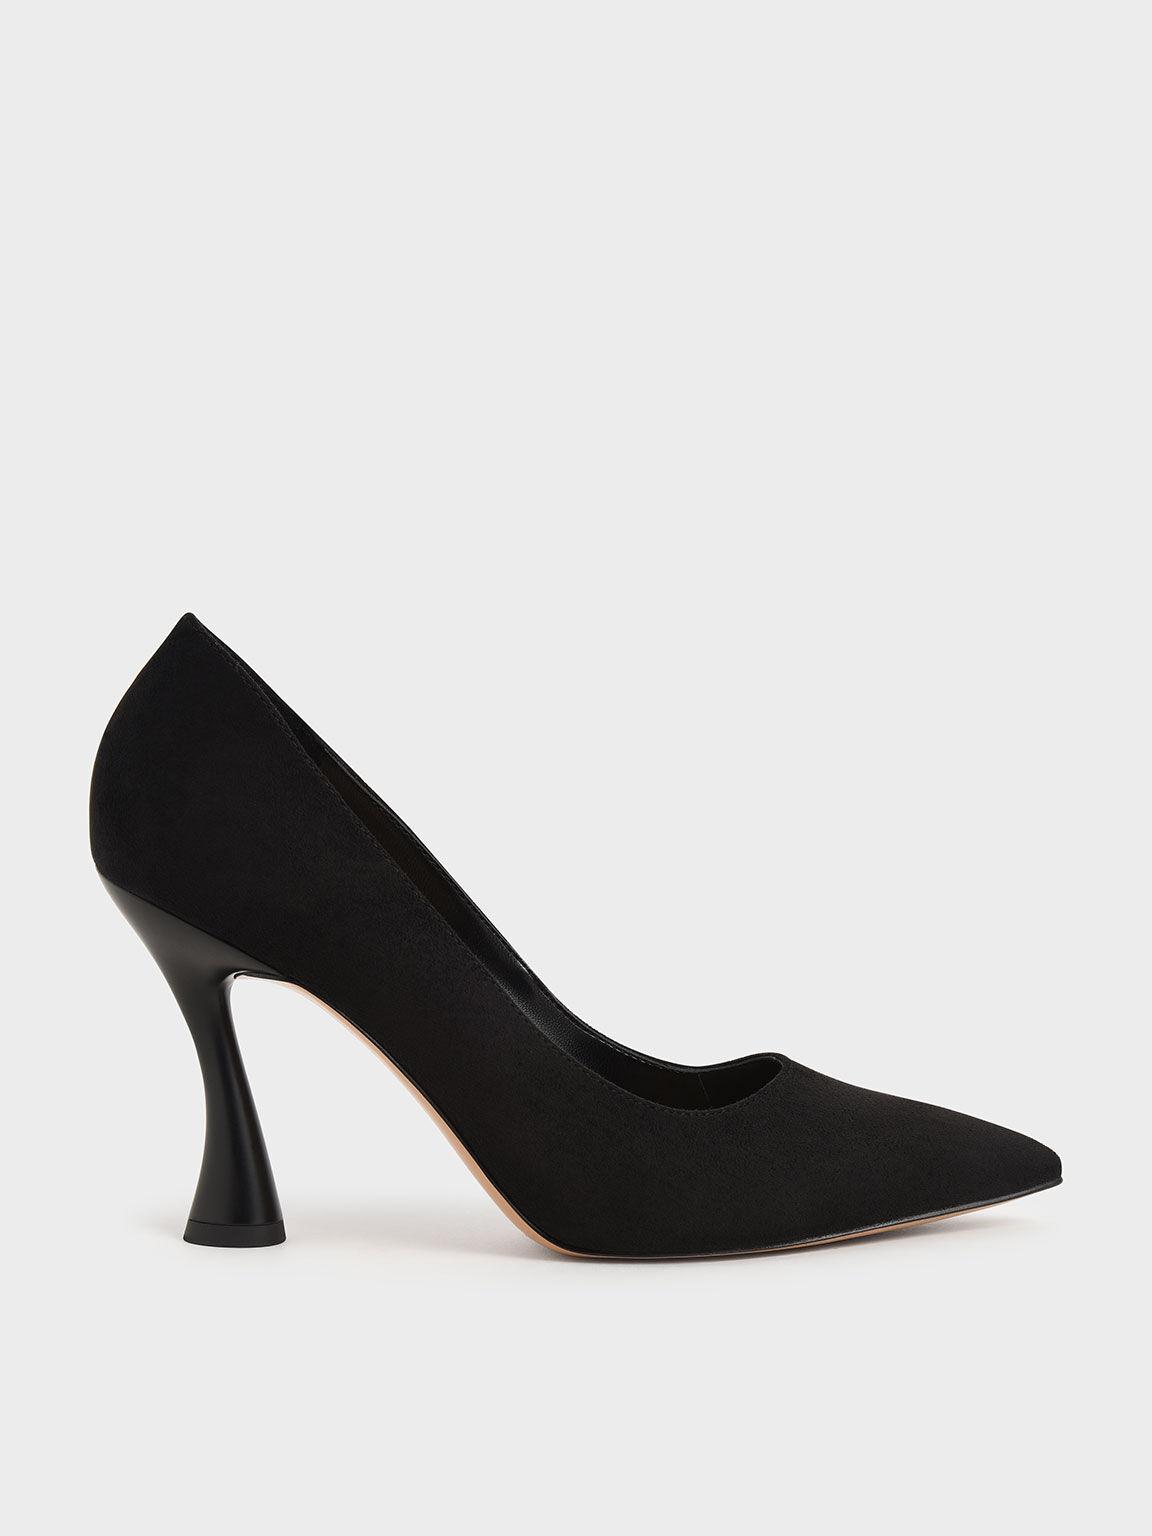 Spool Heel Pointed Toe Pumps, Black, hi-res